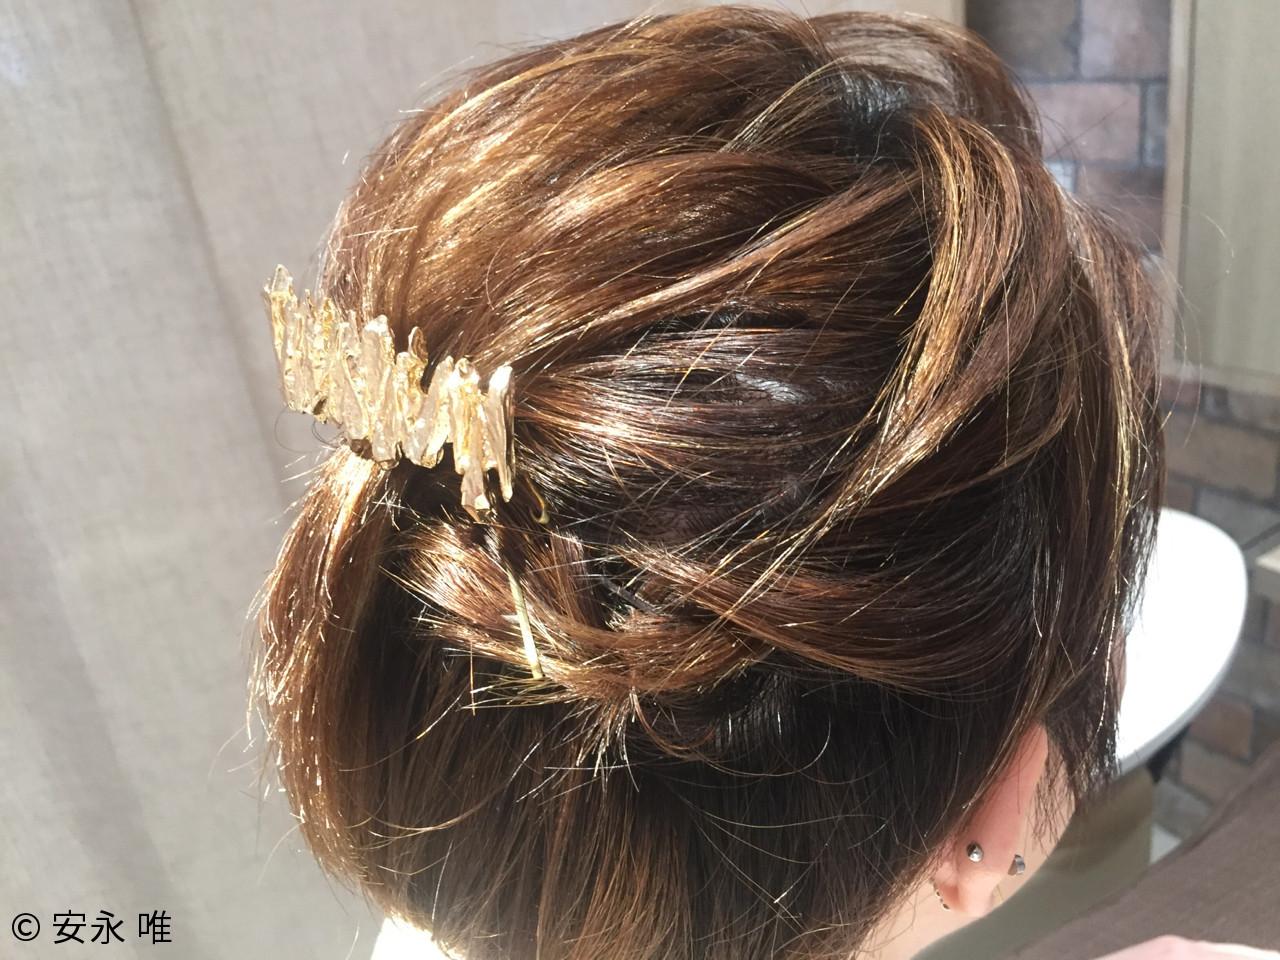 ナチュラル 夏 ヘアアレンジ 涼しげ ヘアスタイルや髪型の写真・画像